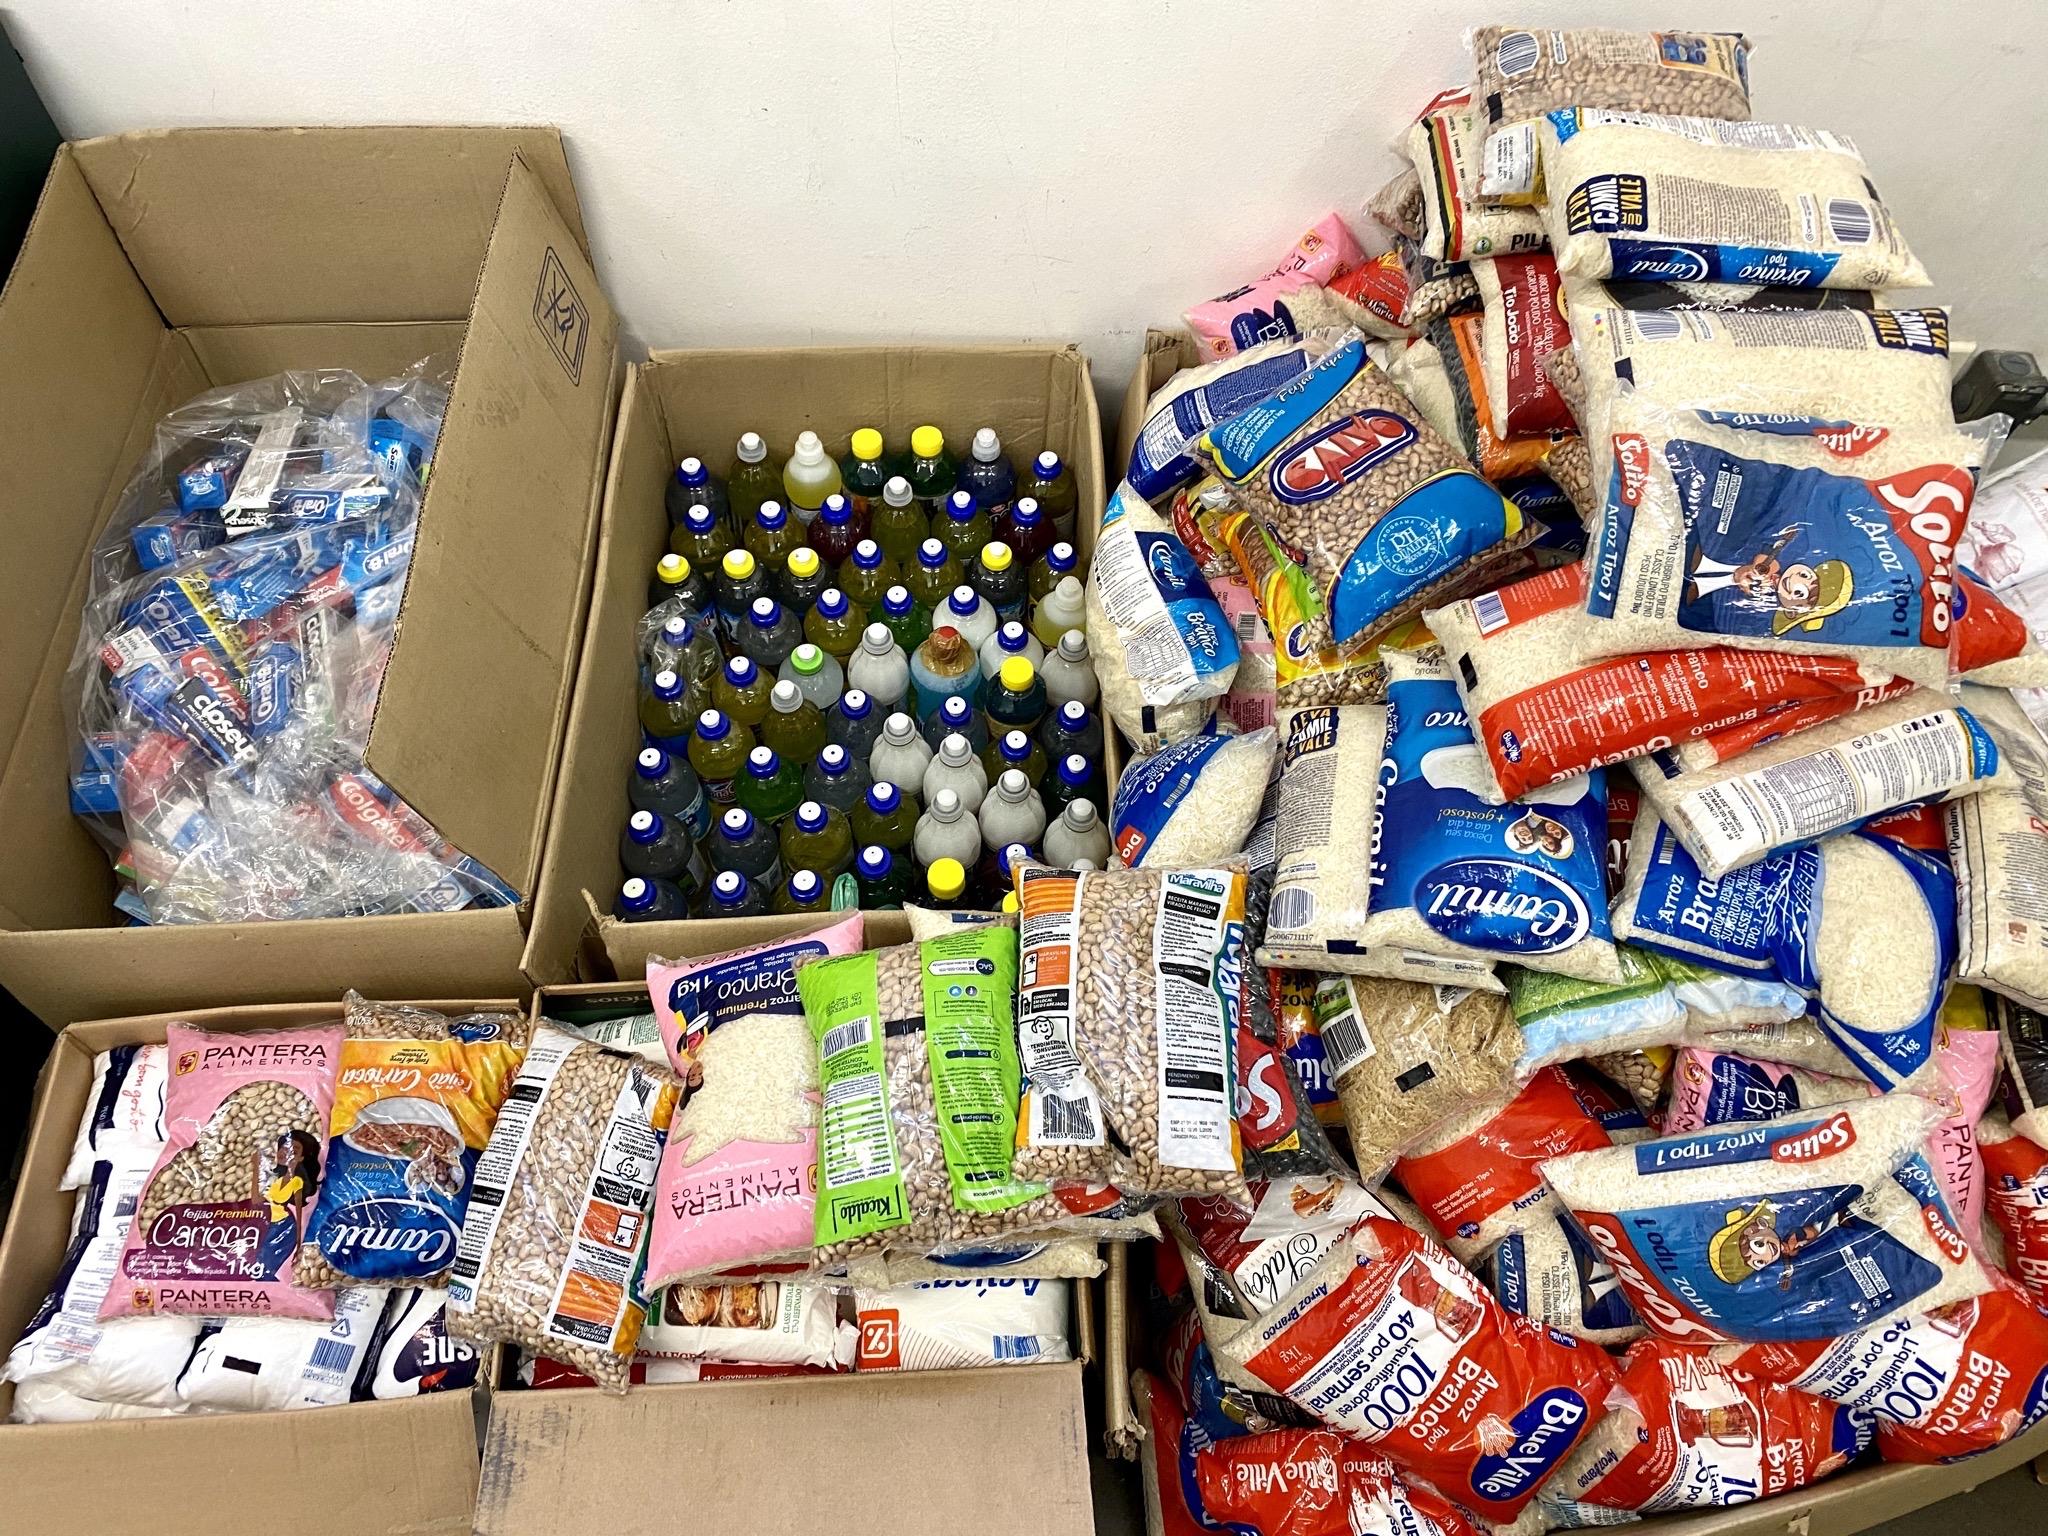 Doações incluem também kits de higiene e de limpeza (Crédito: Divulgação Prefeitura)